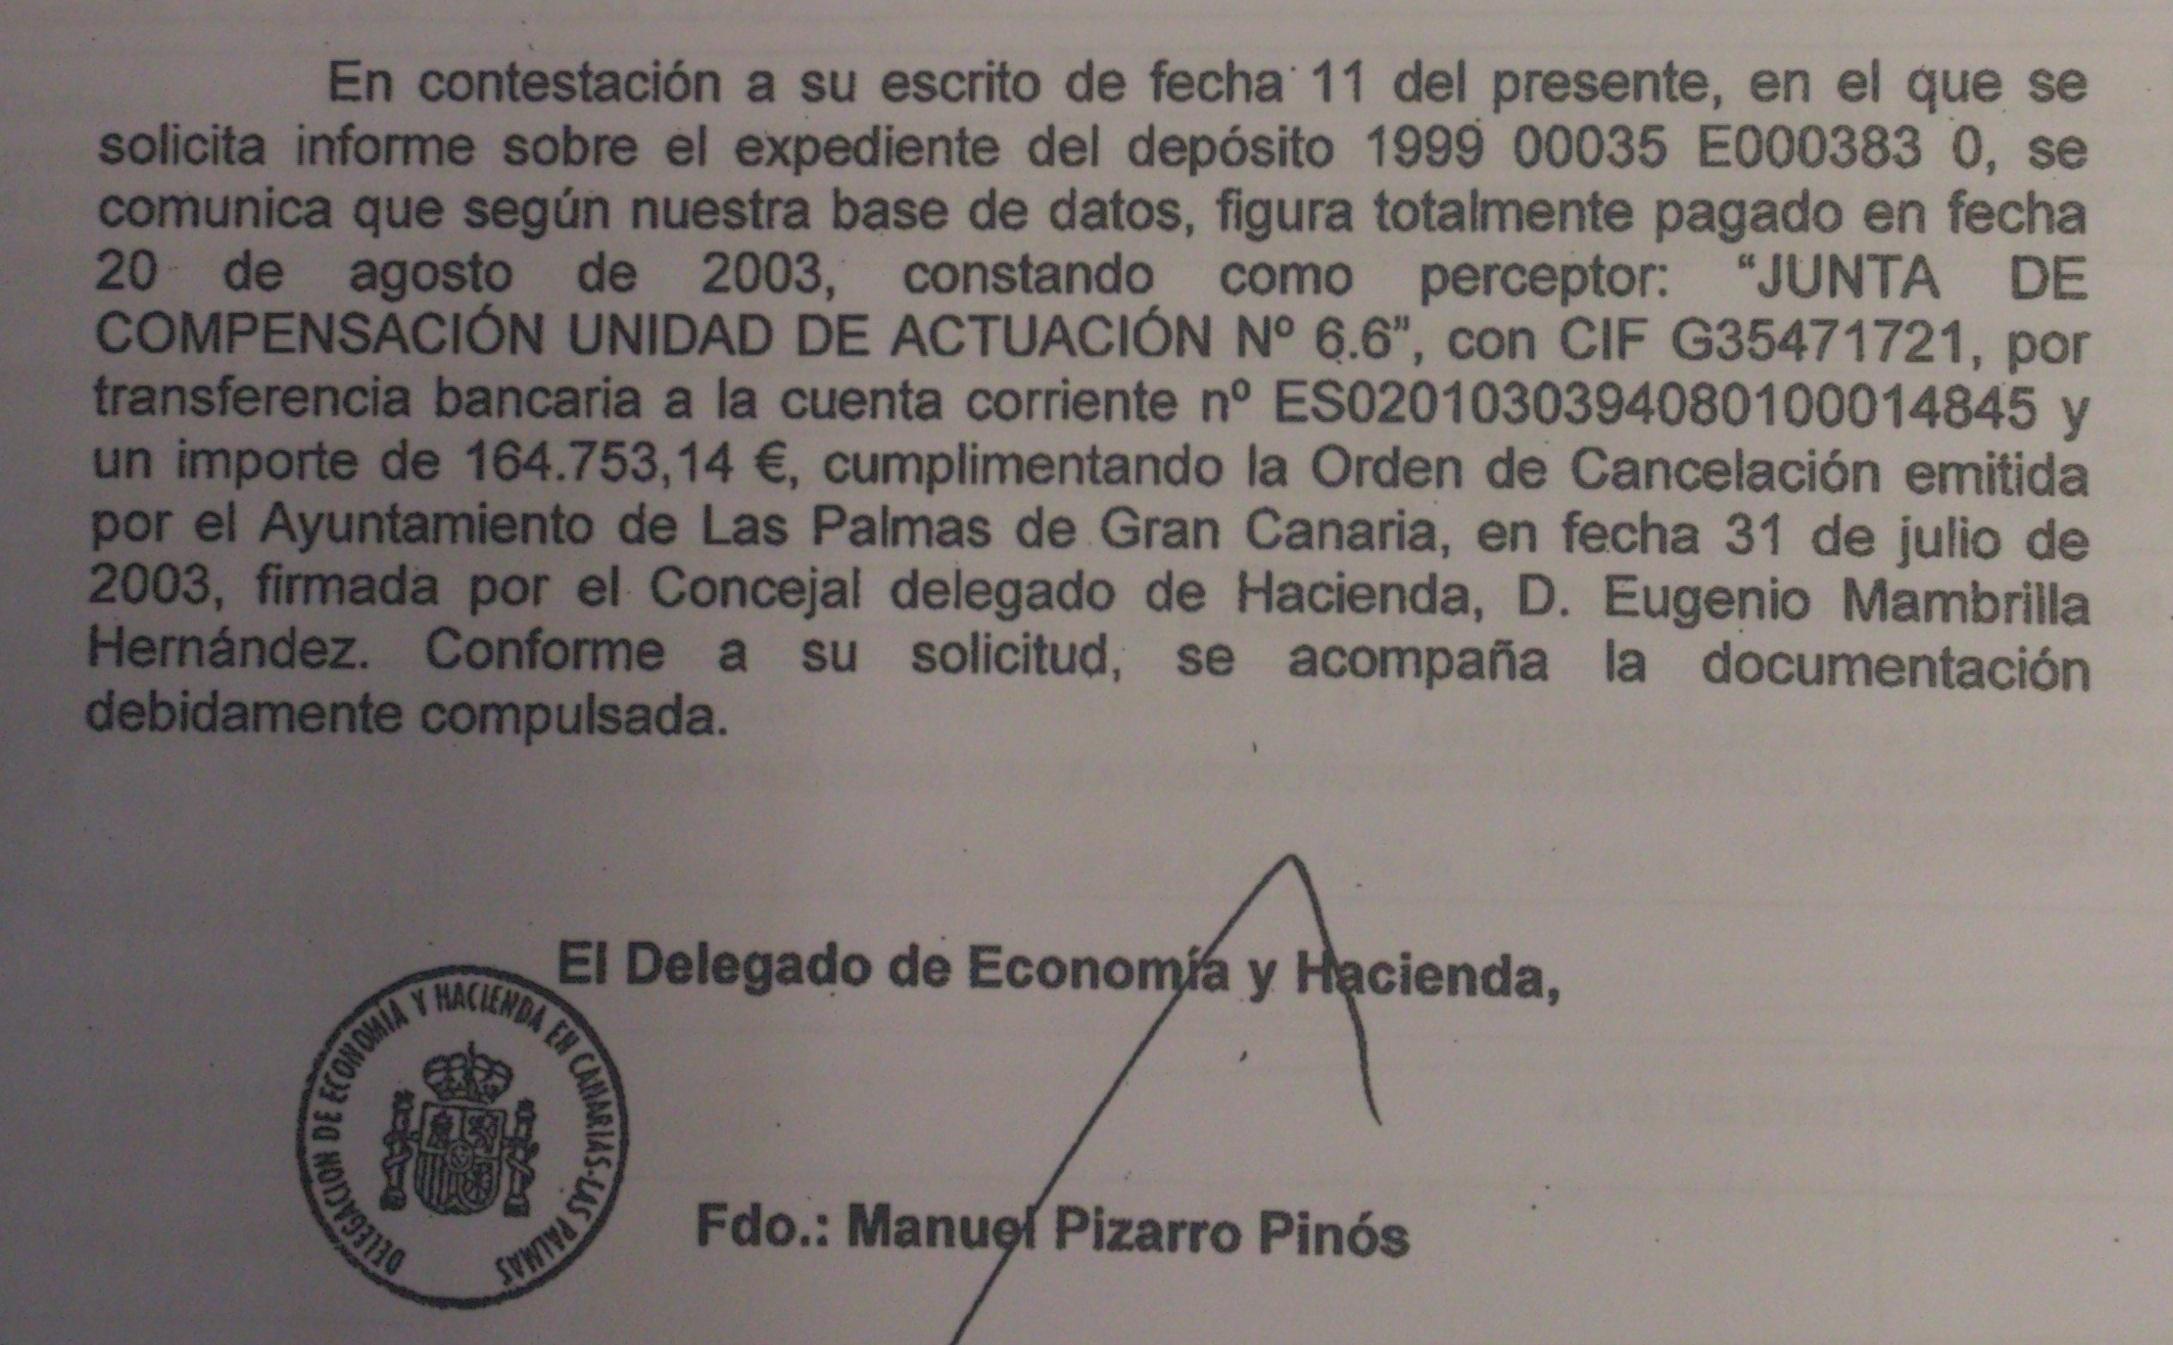 Comunicaci�n del Ministerio de Hacienda informando qui�n cancel� el dep�sito de Gloria y qui�n fue el perceptor del dinero.